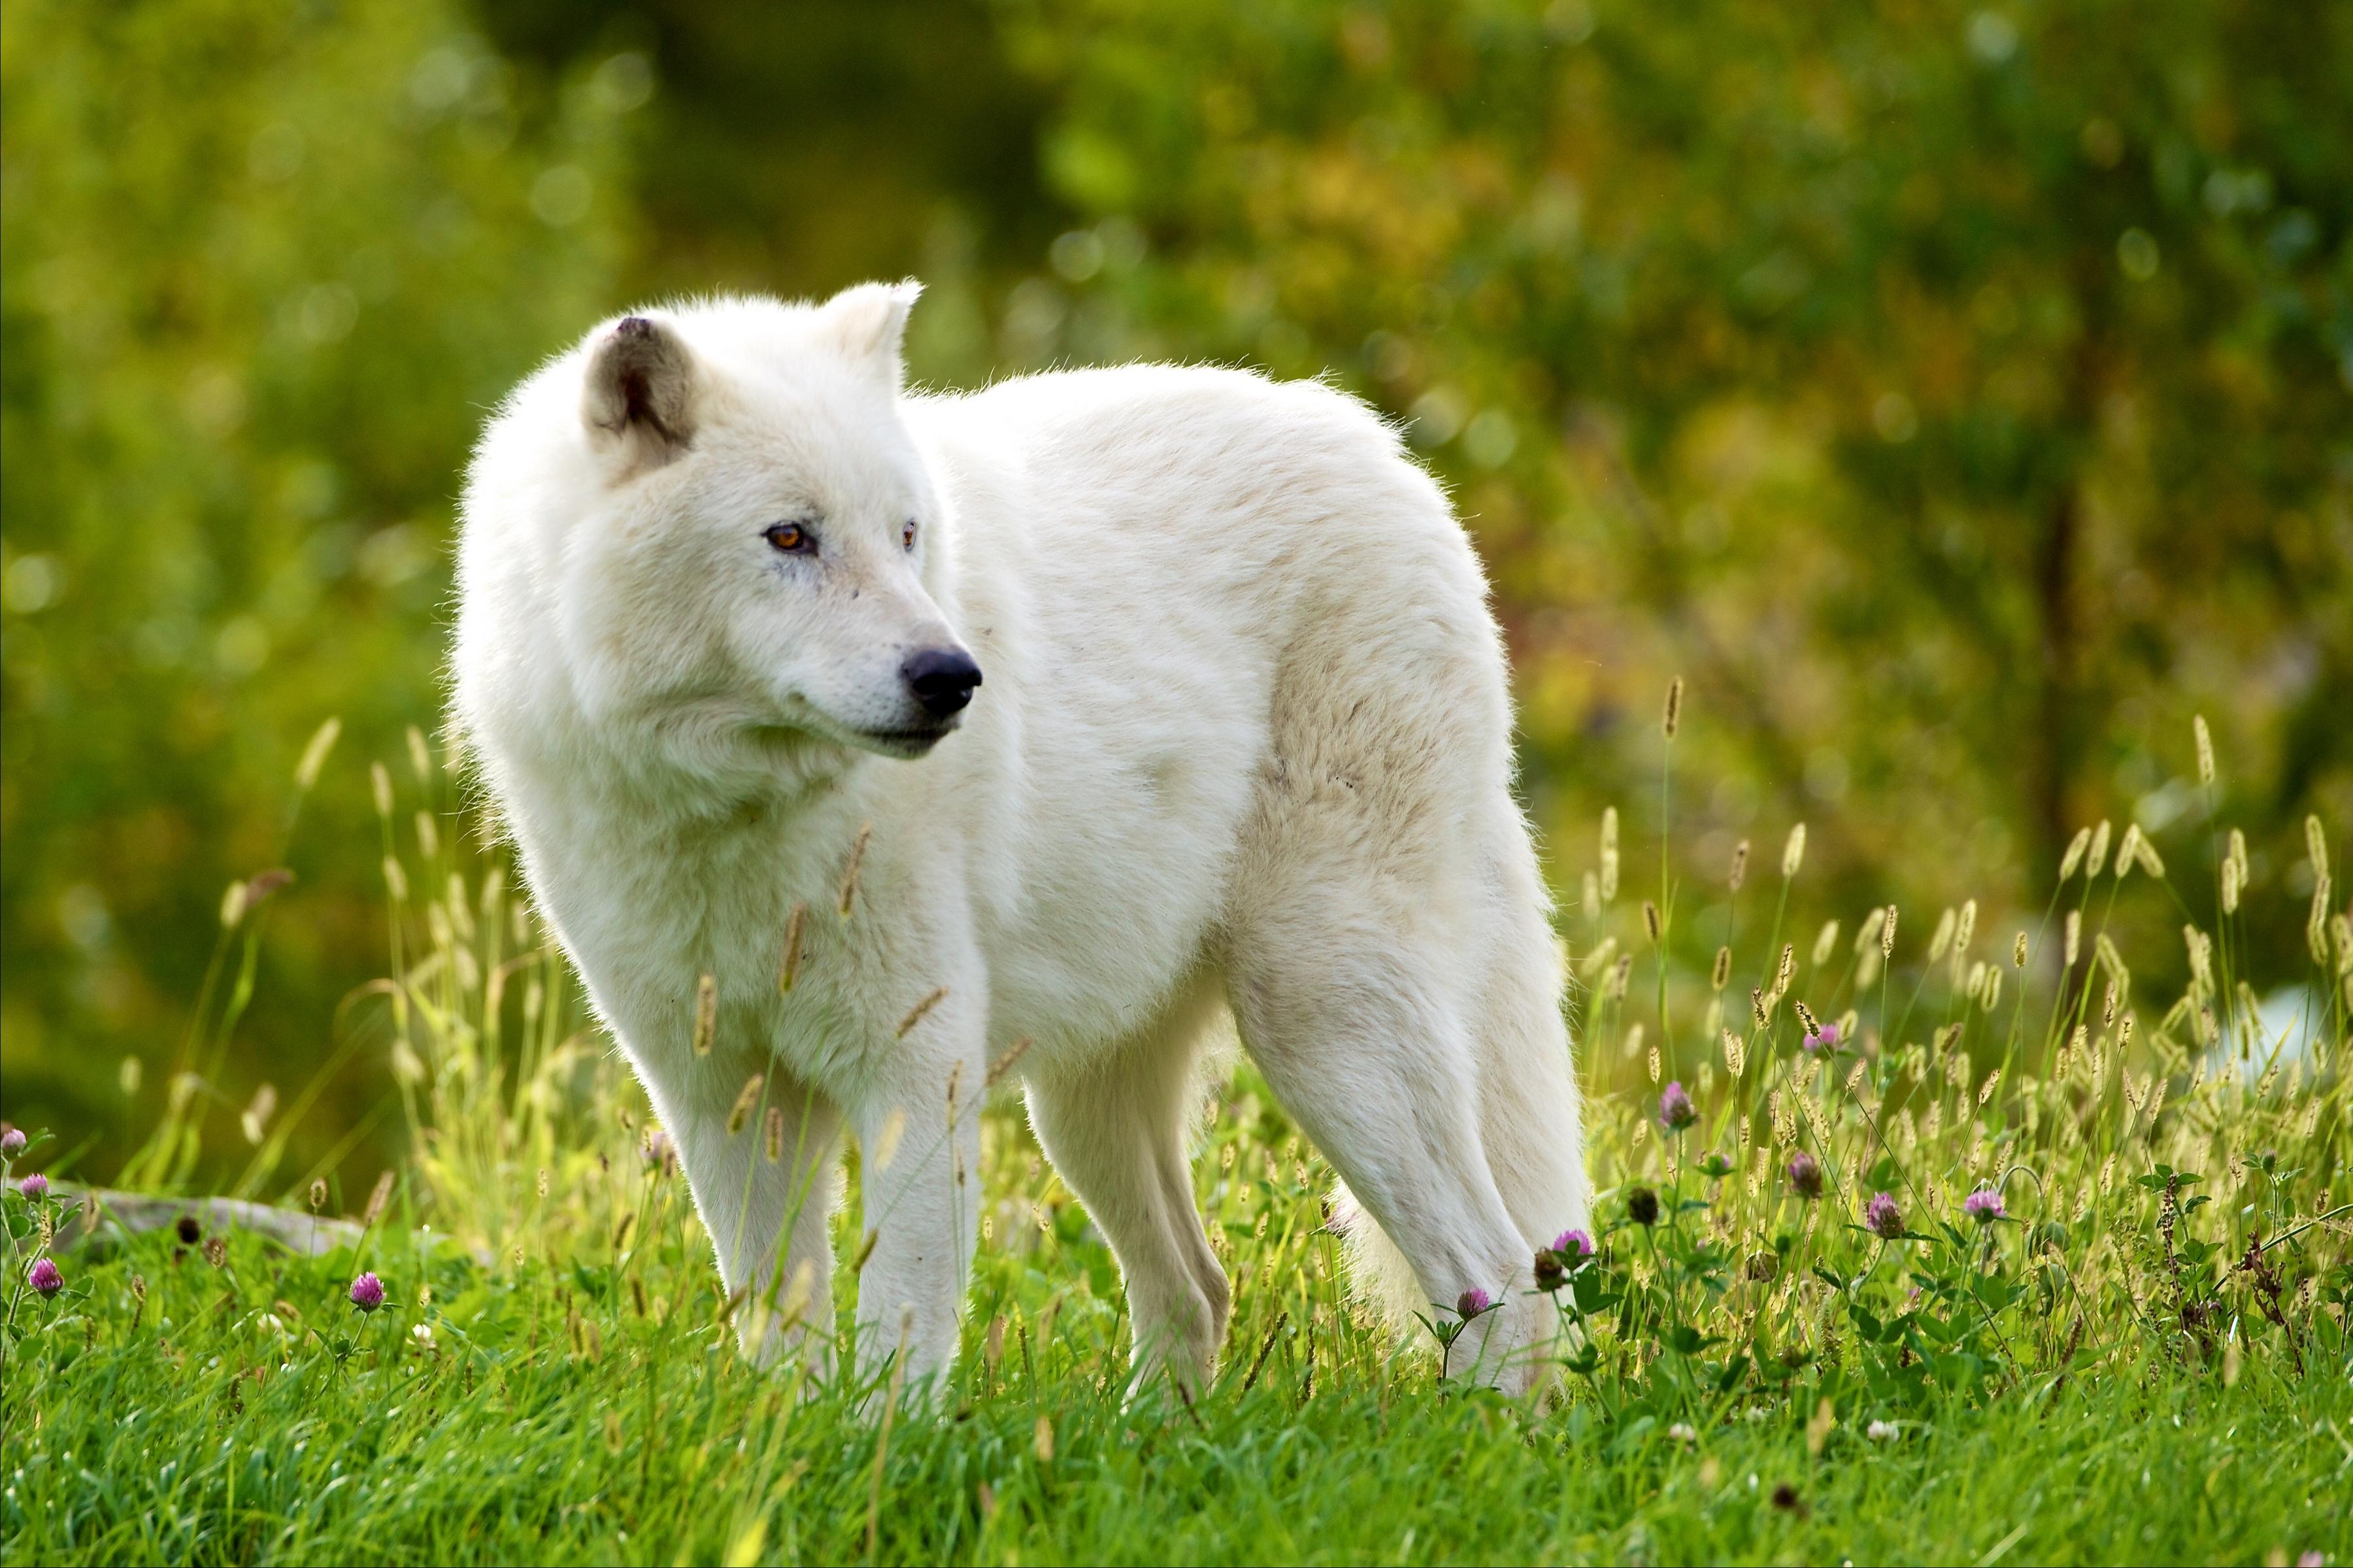 них, белый волк фото и картинки отзывчивые